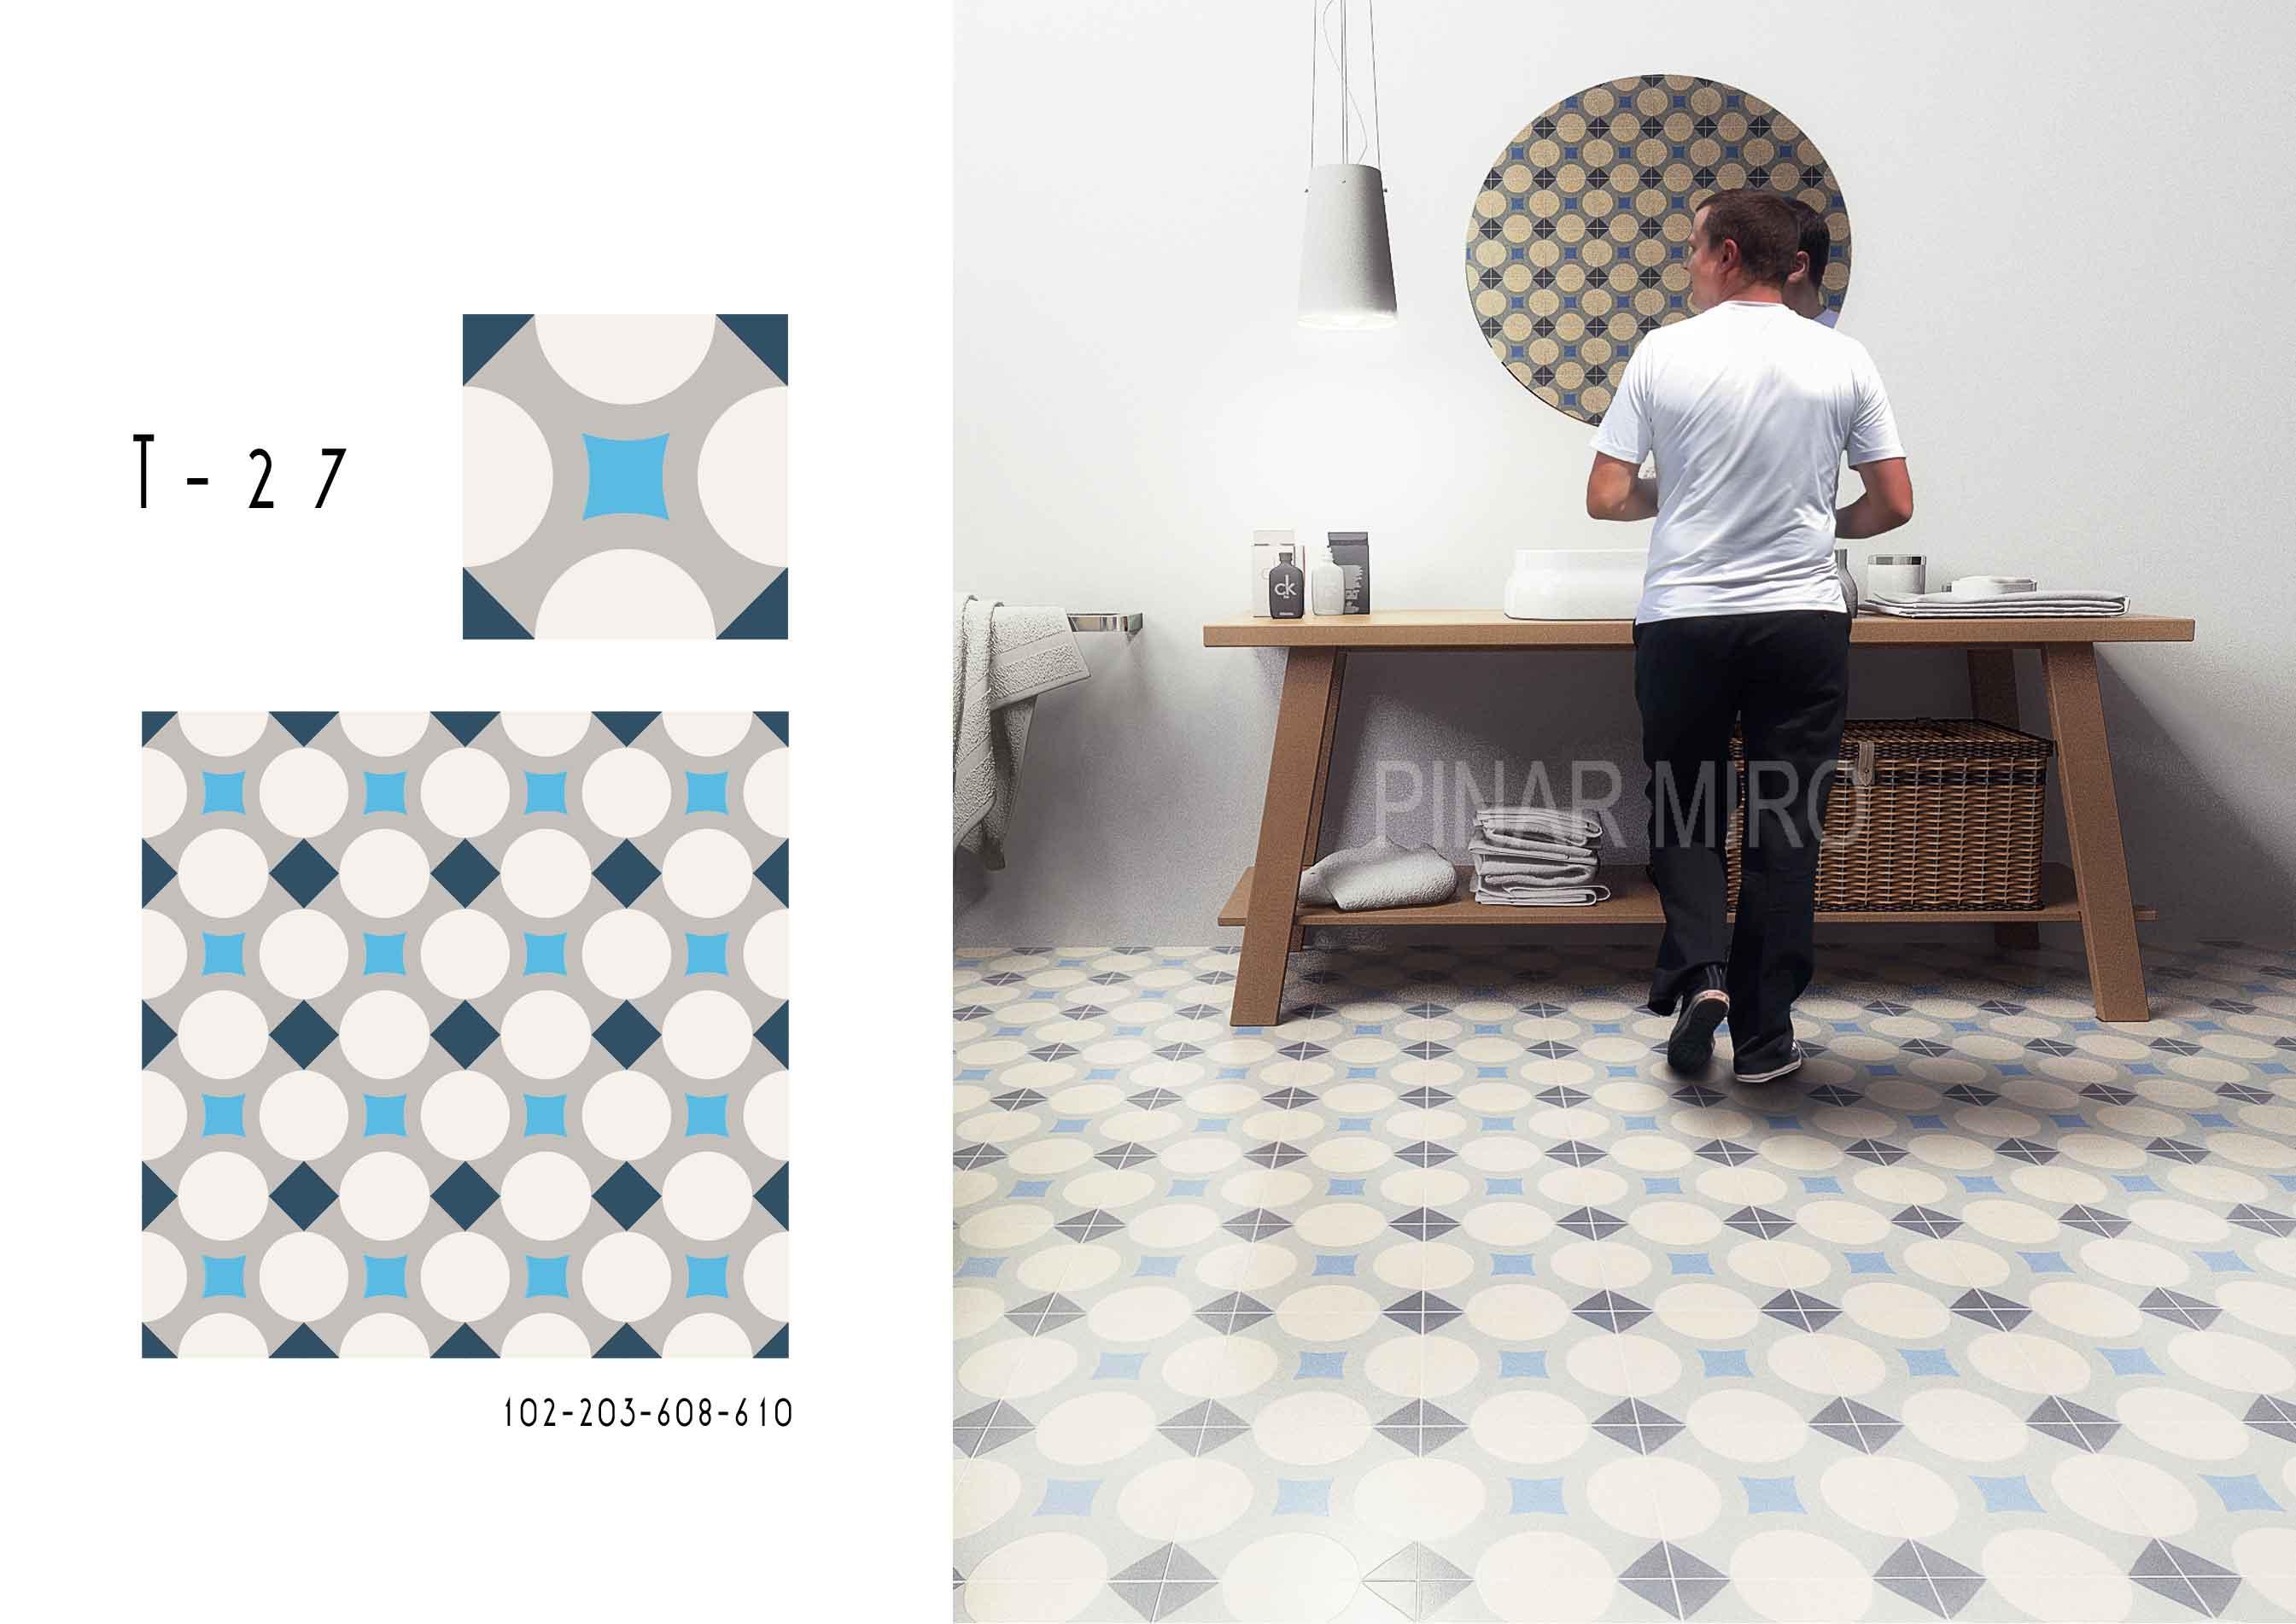 1t027-pinar-miro-cement-tiles